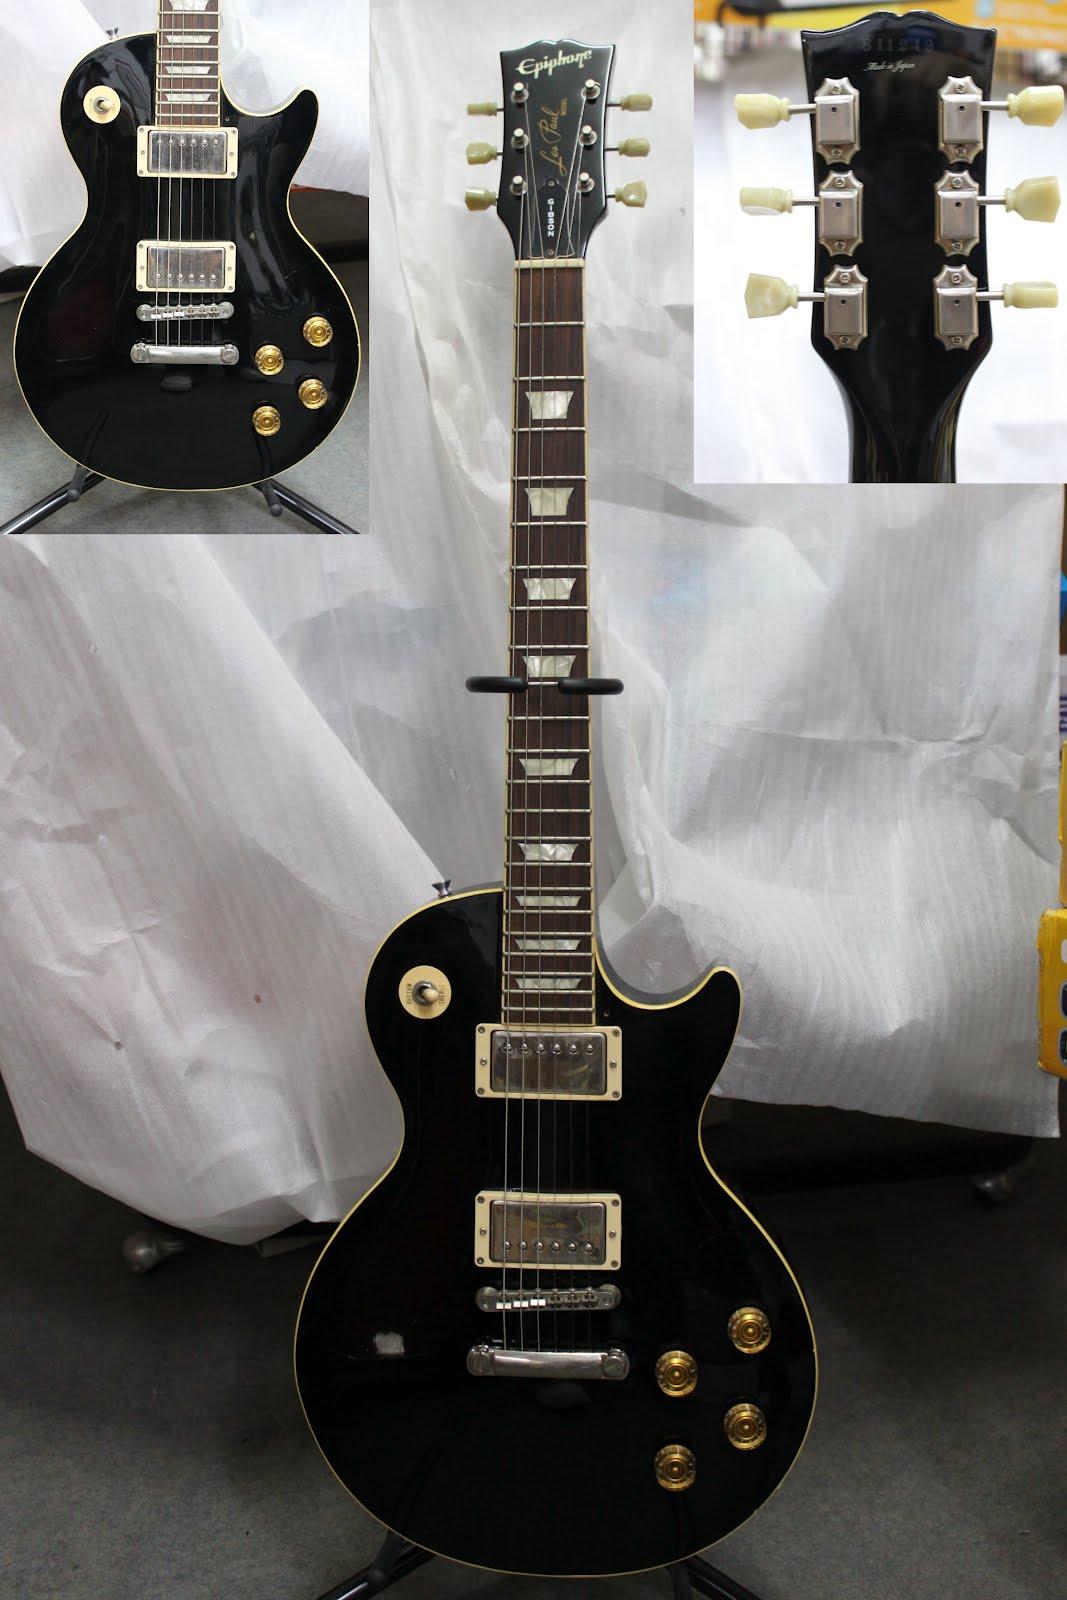 medium resolution of pre owned guitars otokomusic otoko music epiphone rh usedguitar blogspot com epiphone les paul les paul studio